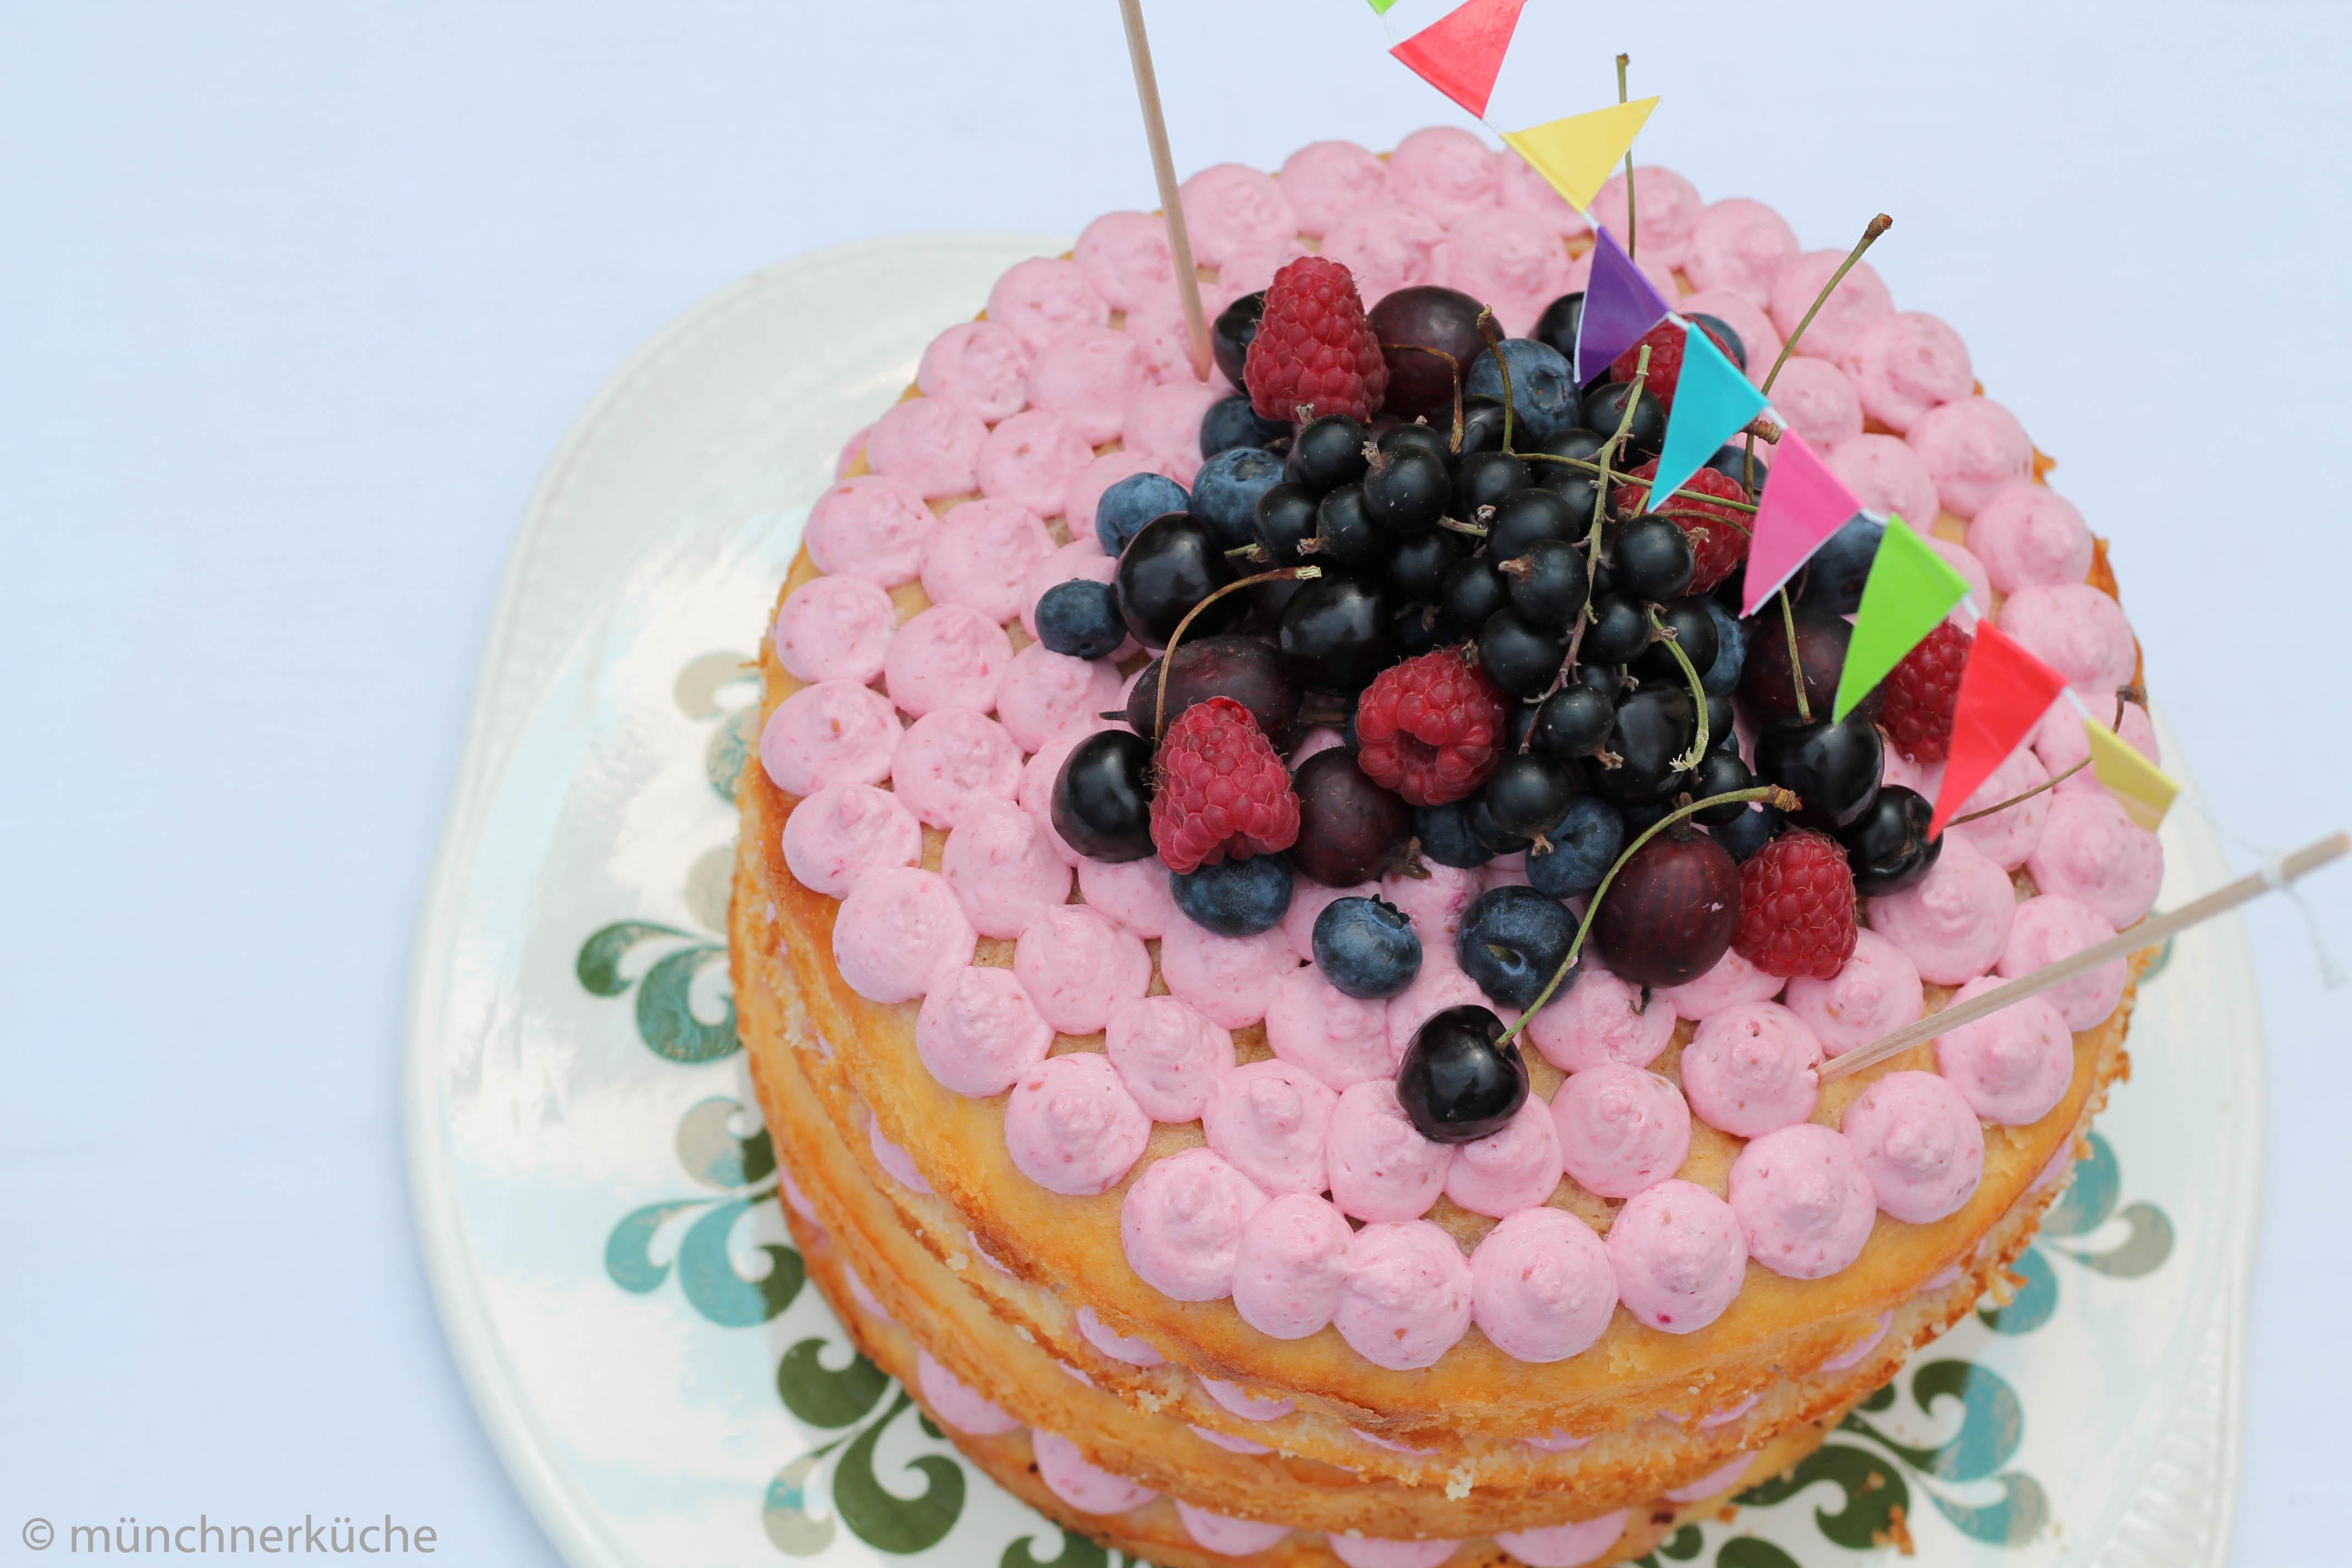 Naked Cake Torte mit Beerenfüllung.